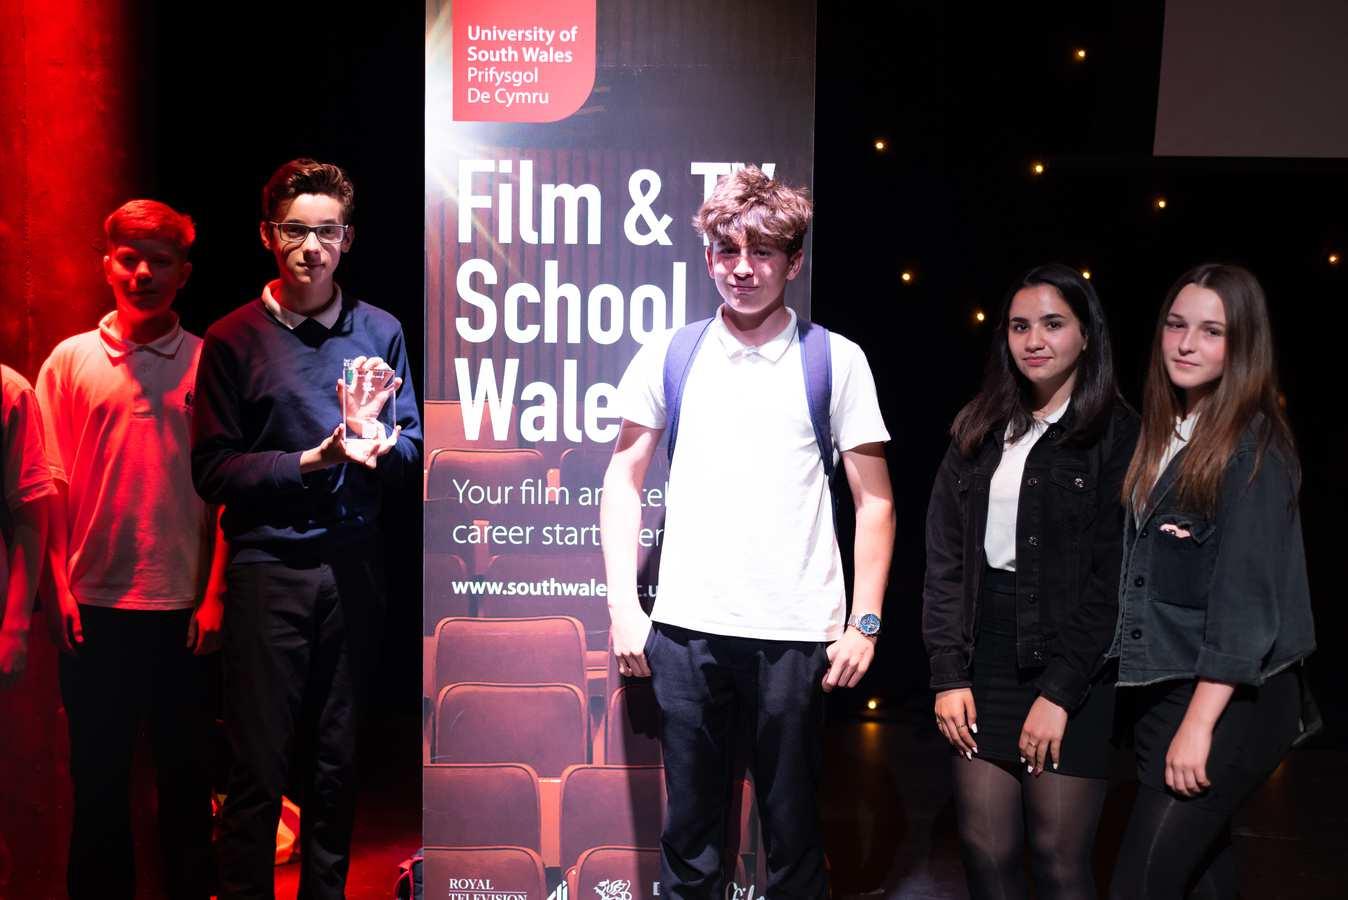 Bedwas High School - Best Film 11-15 winners